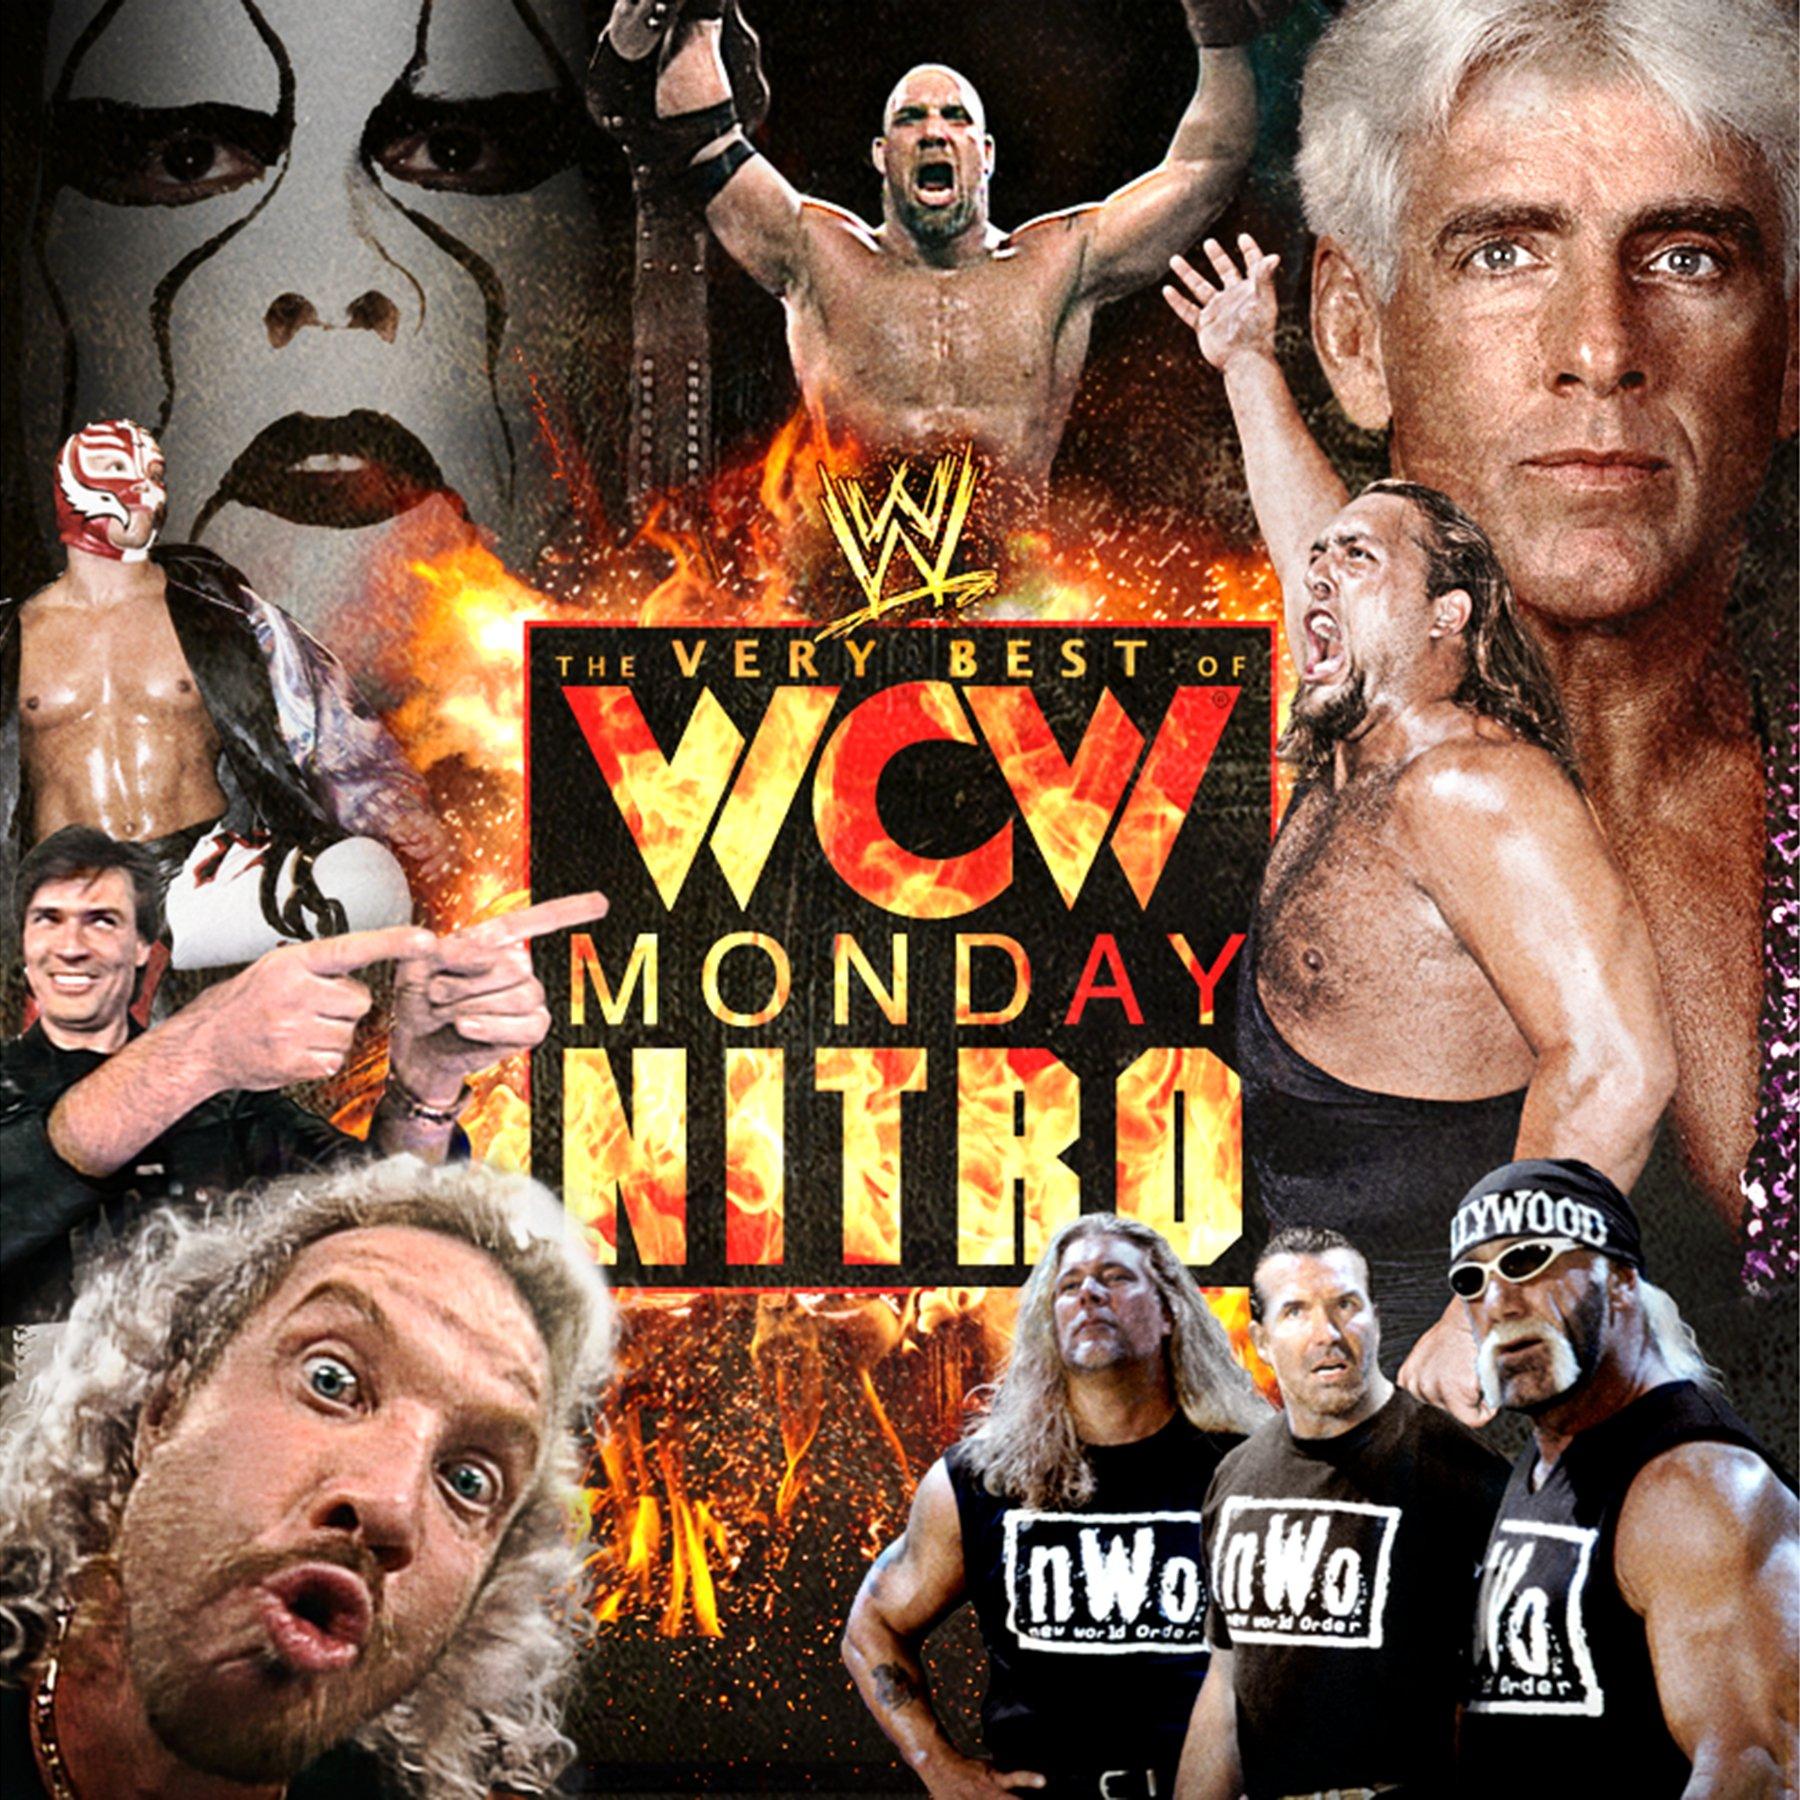 Amazon com: Watch WWE The Very Best of WCW Monday Nitro